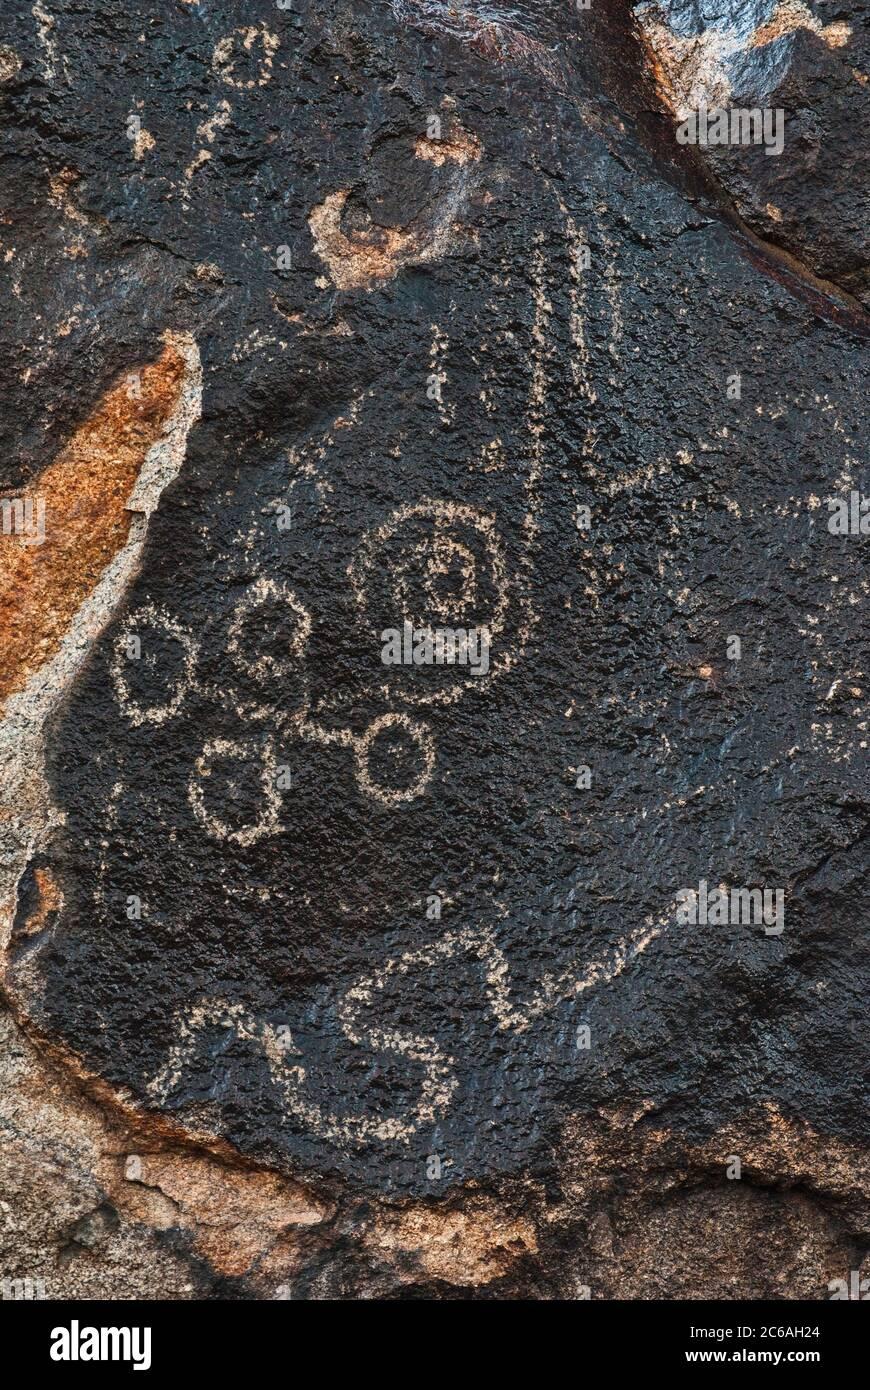 Wet petroglyphs on rainy day in Picacho Mountains, Sonoran Desert, Arizona, USA Stock Photo